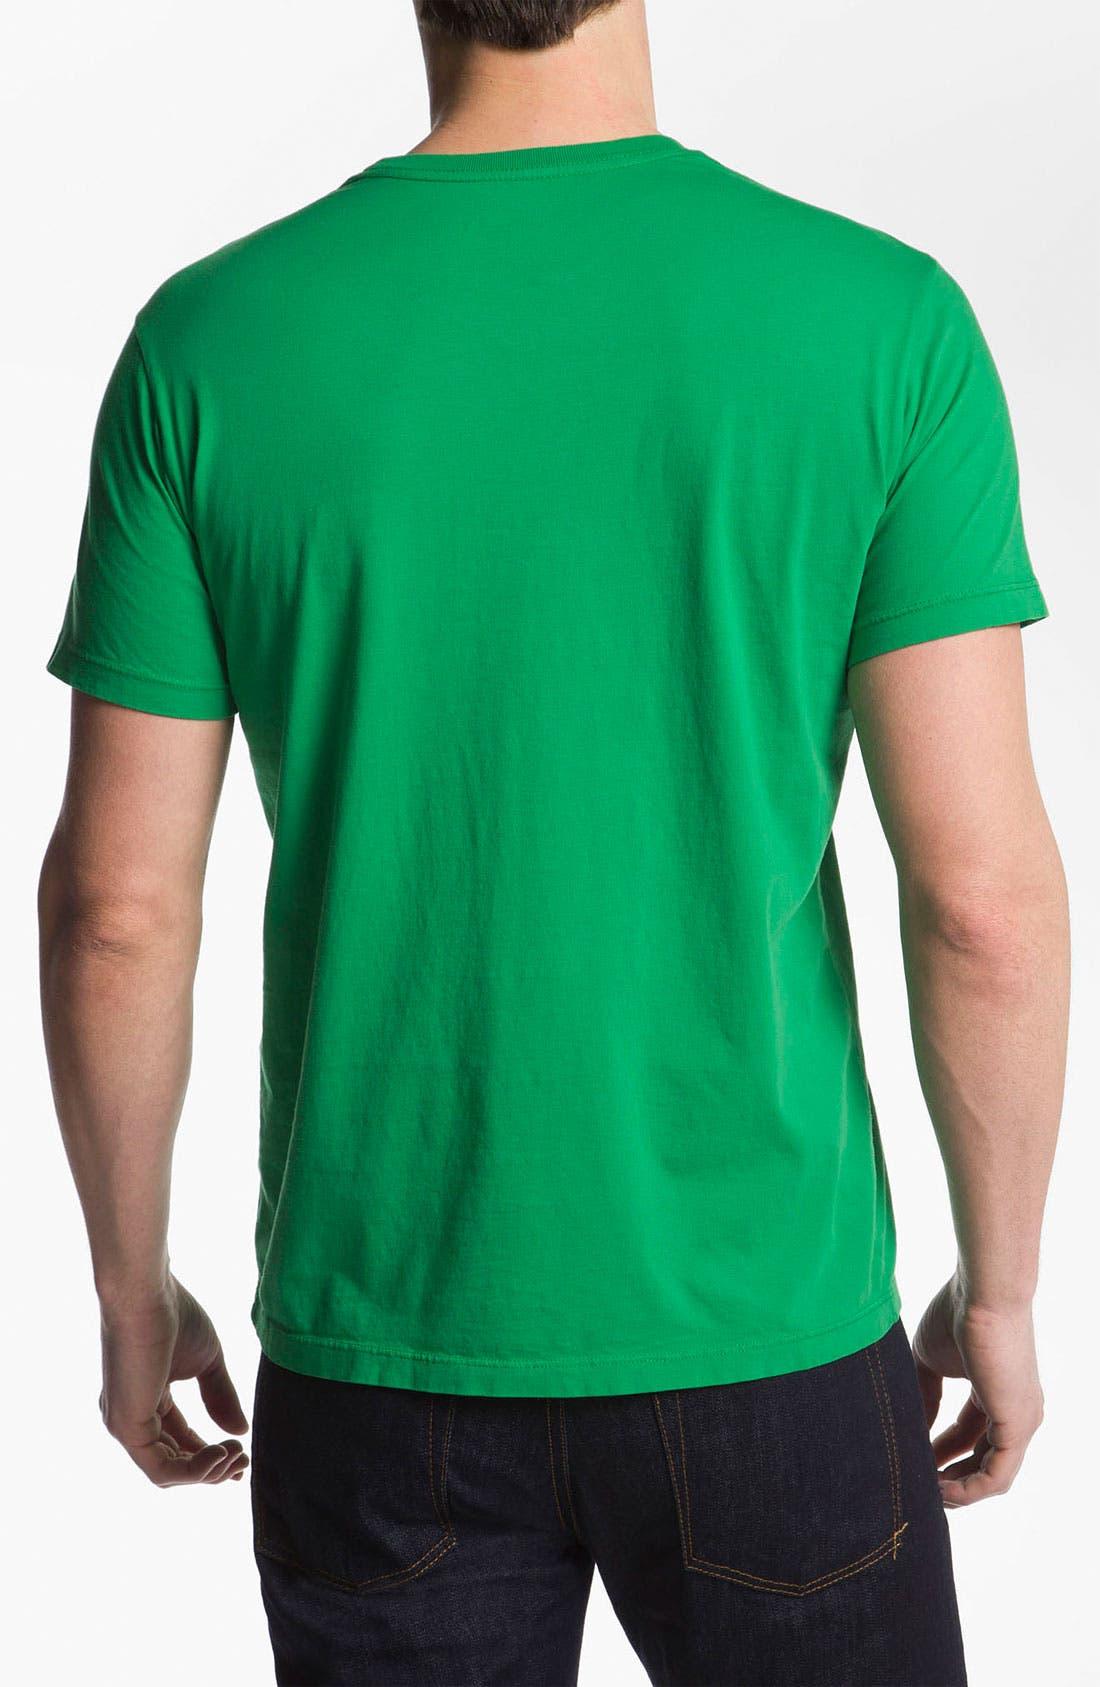 Alternate Image 2  - Tankfarm 'Irish Eyes' T-Shirt